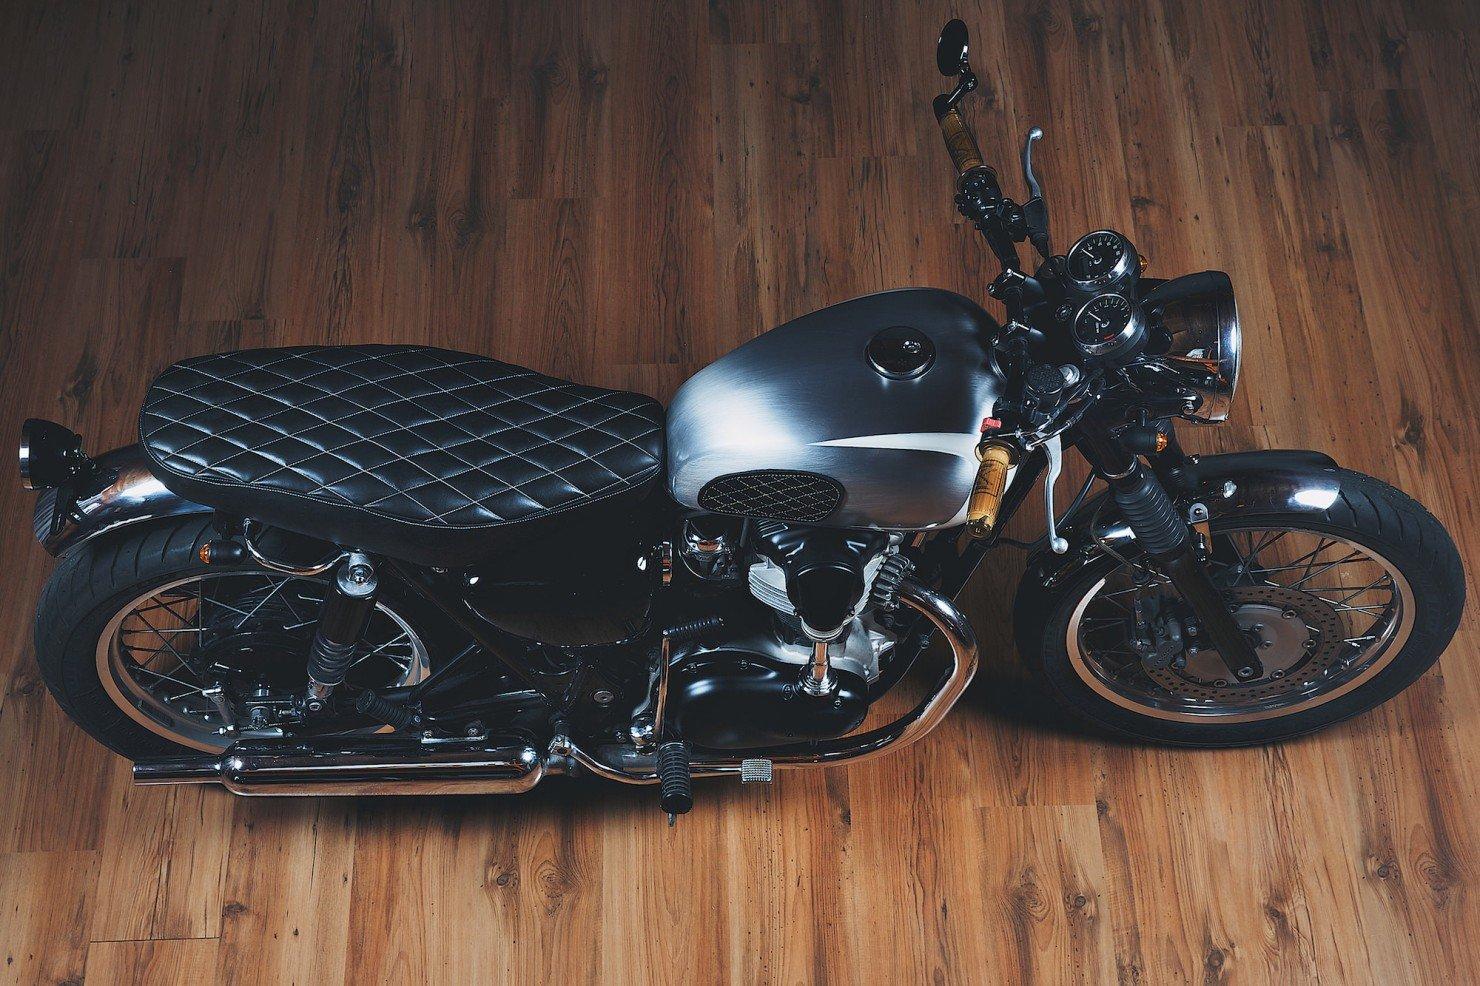 Kawasaki_W650_Motorcycle_19